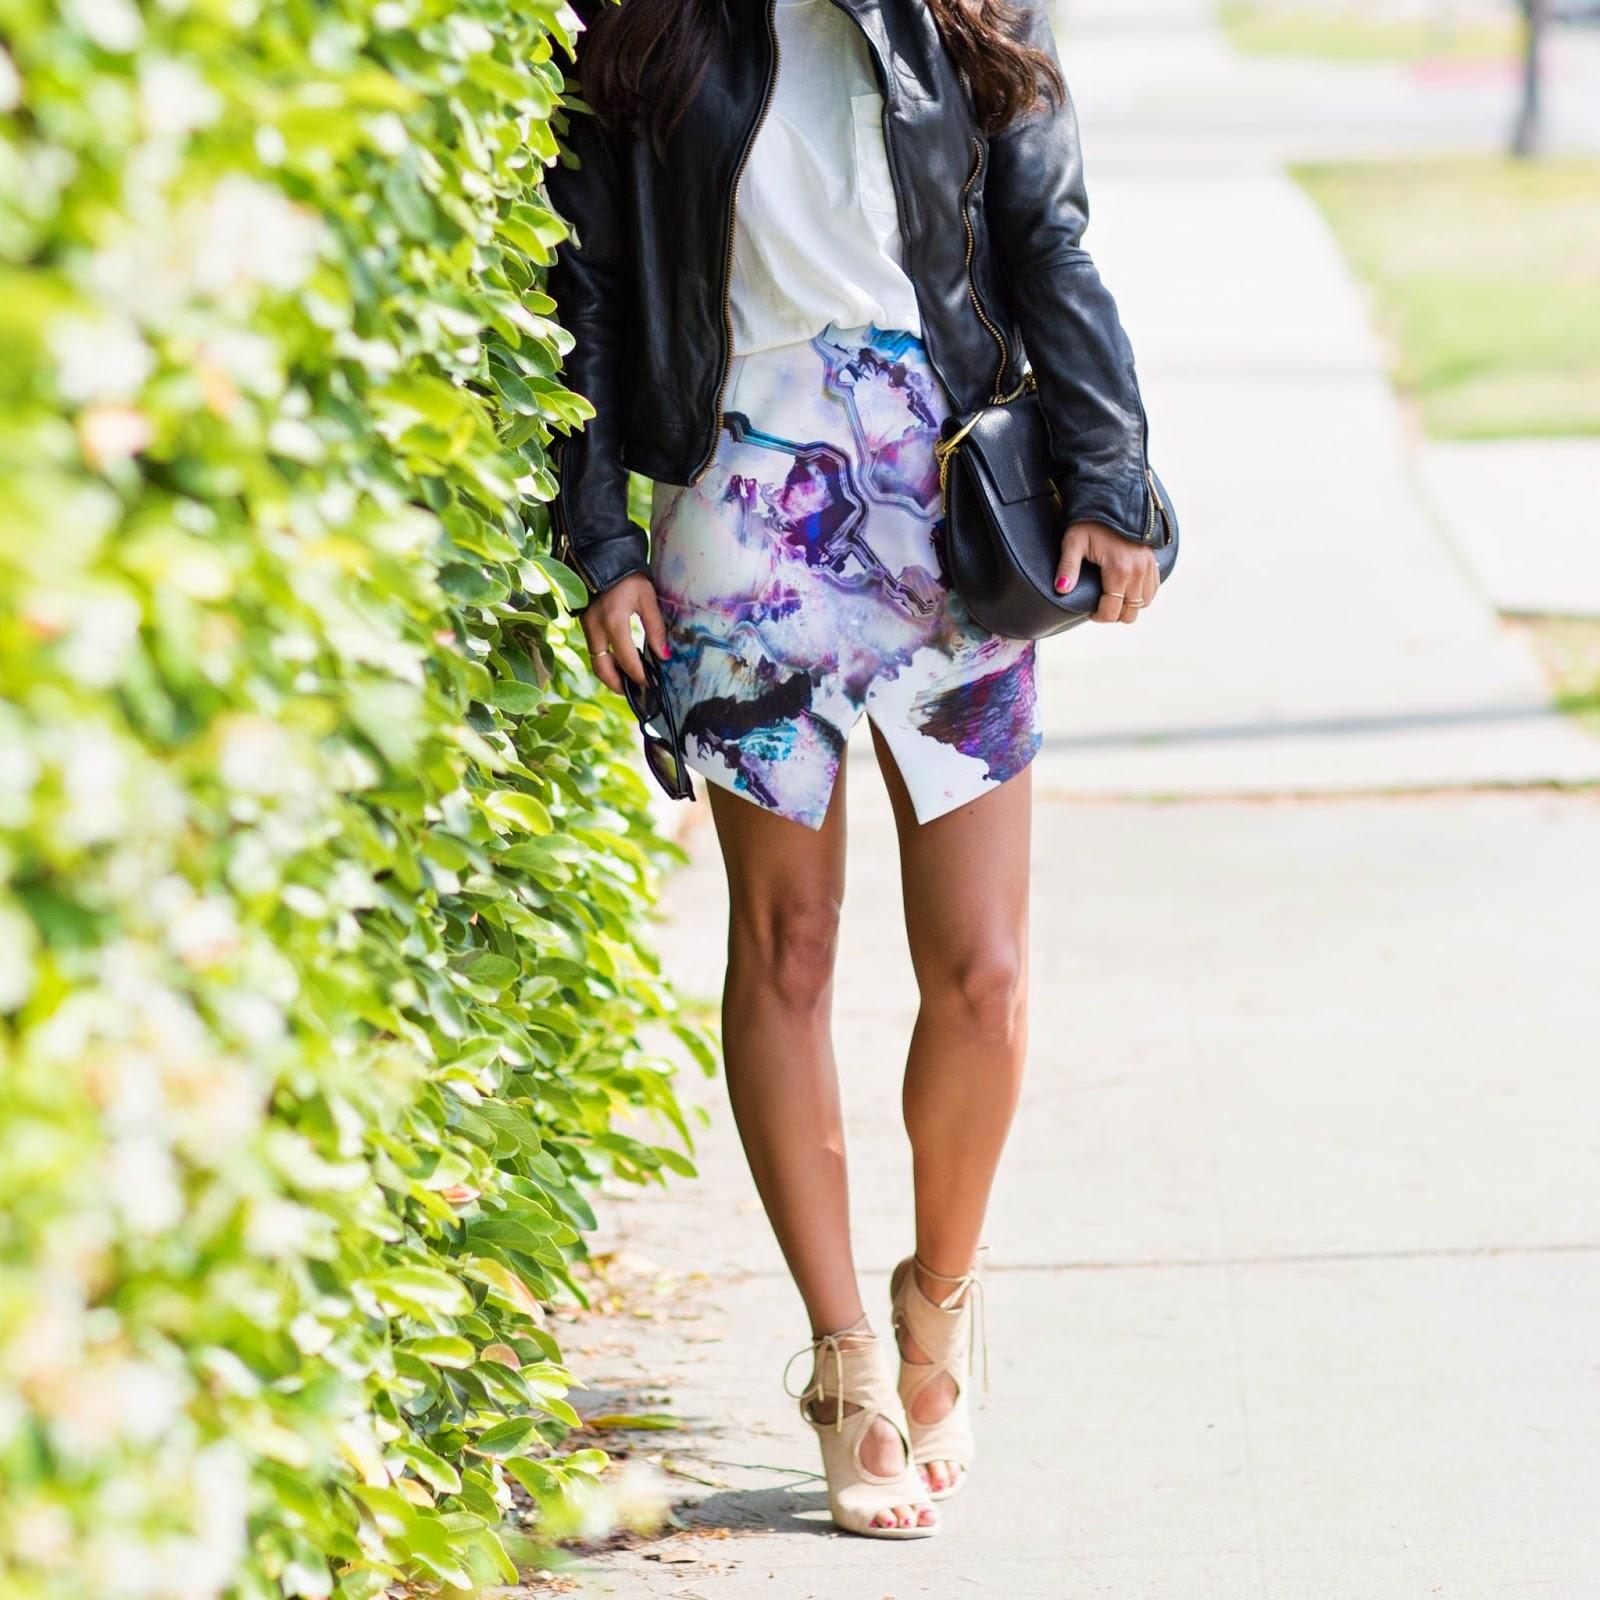 chloe drew bag, asymmetrical skirt, how to wear envelope skirt, spring fashion, watercolor print skirt